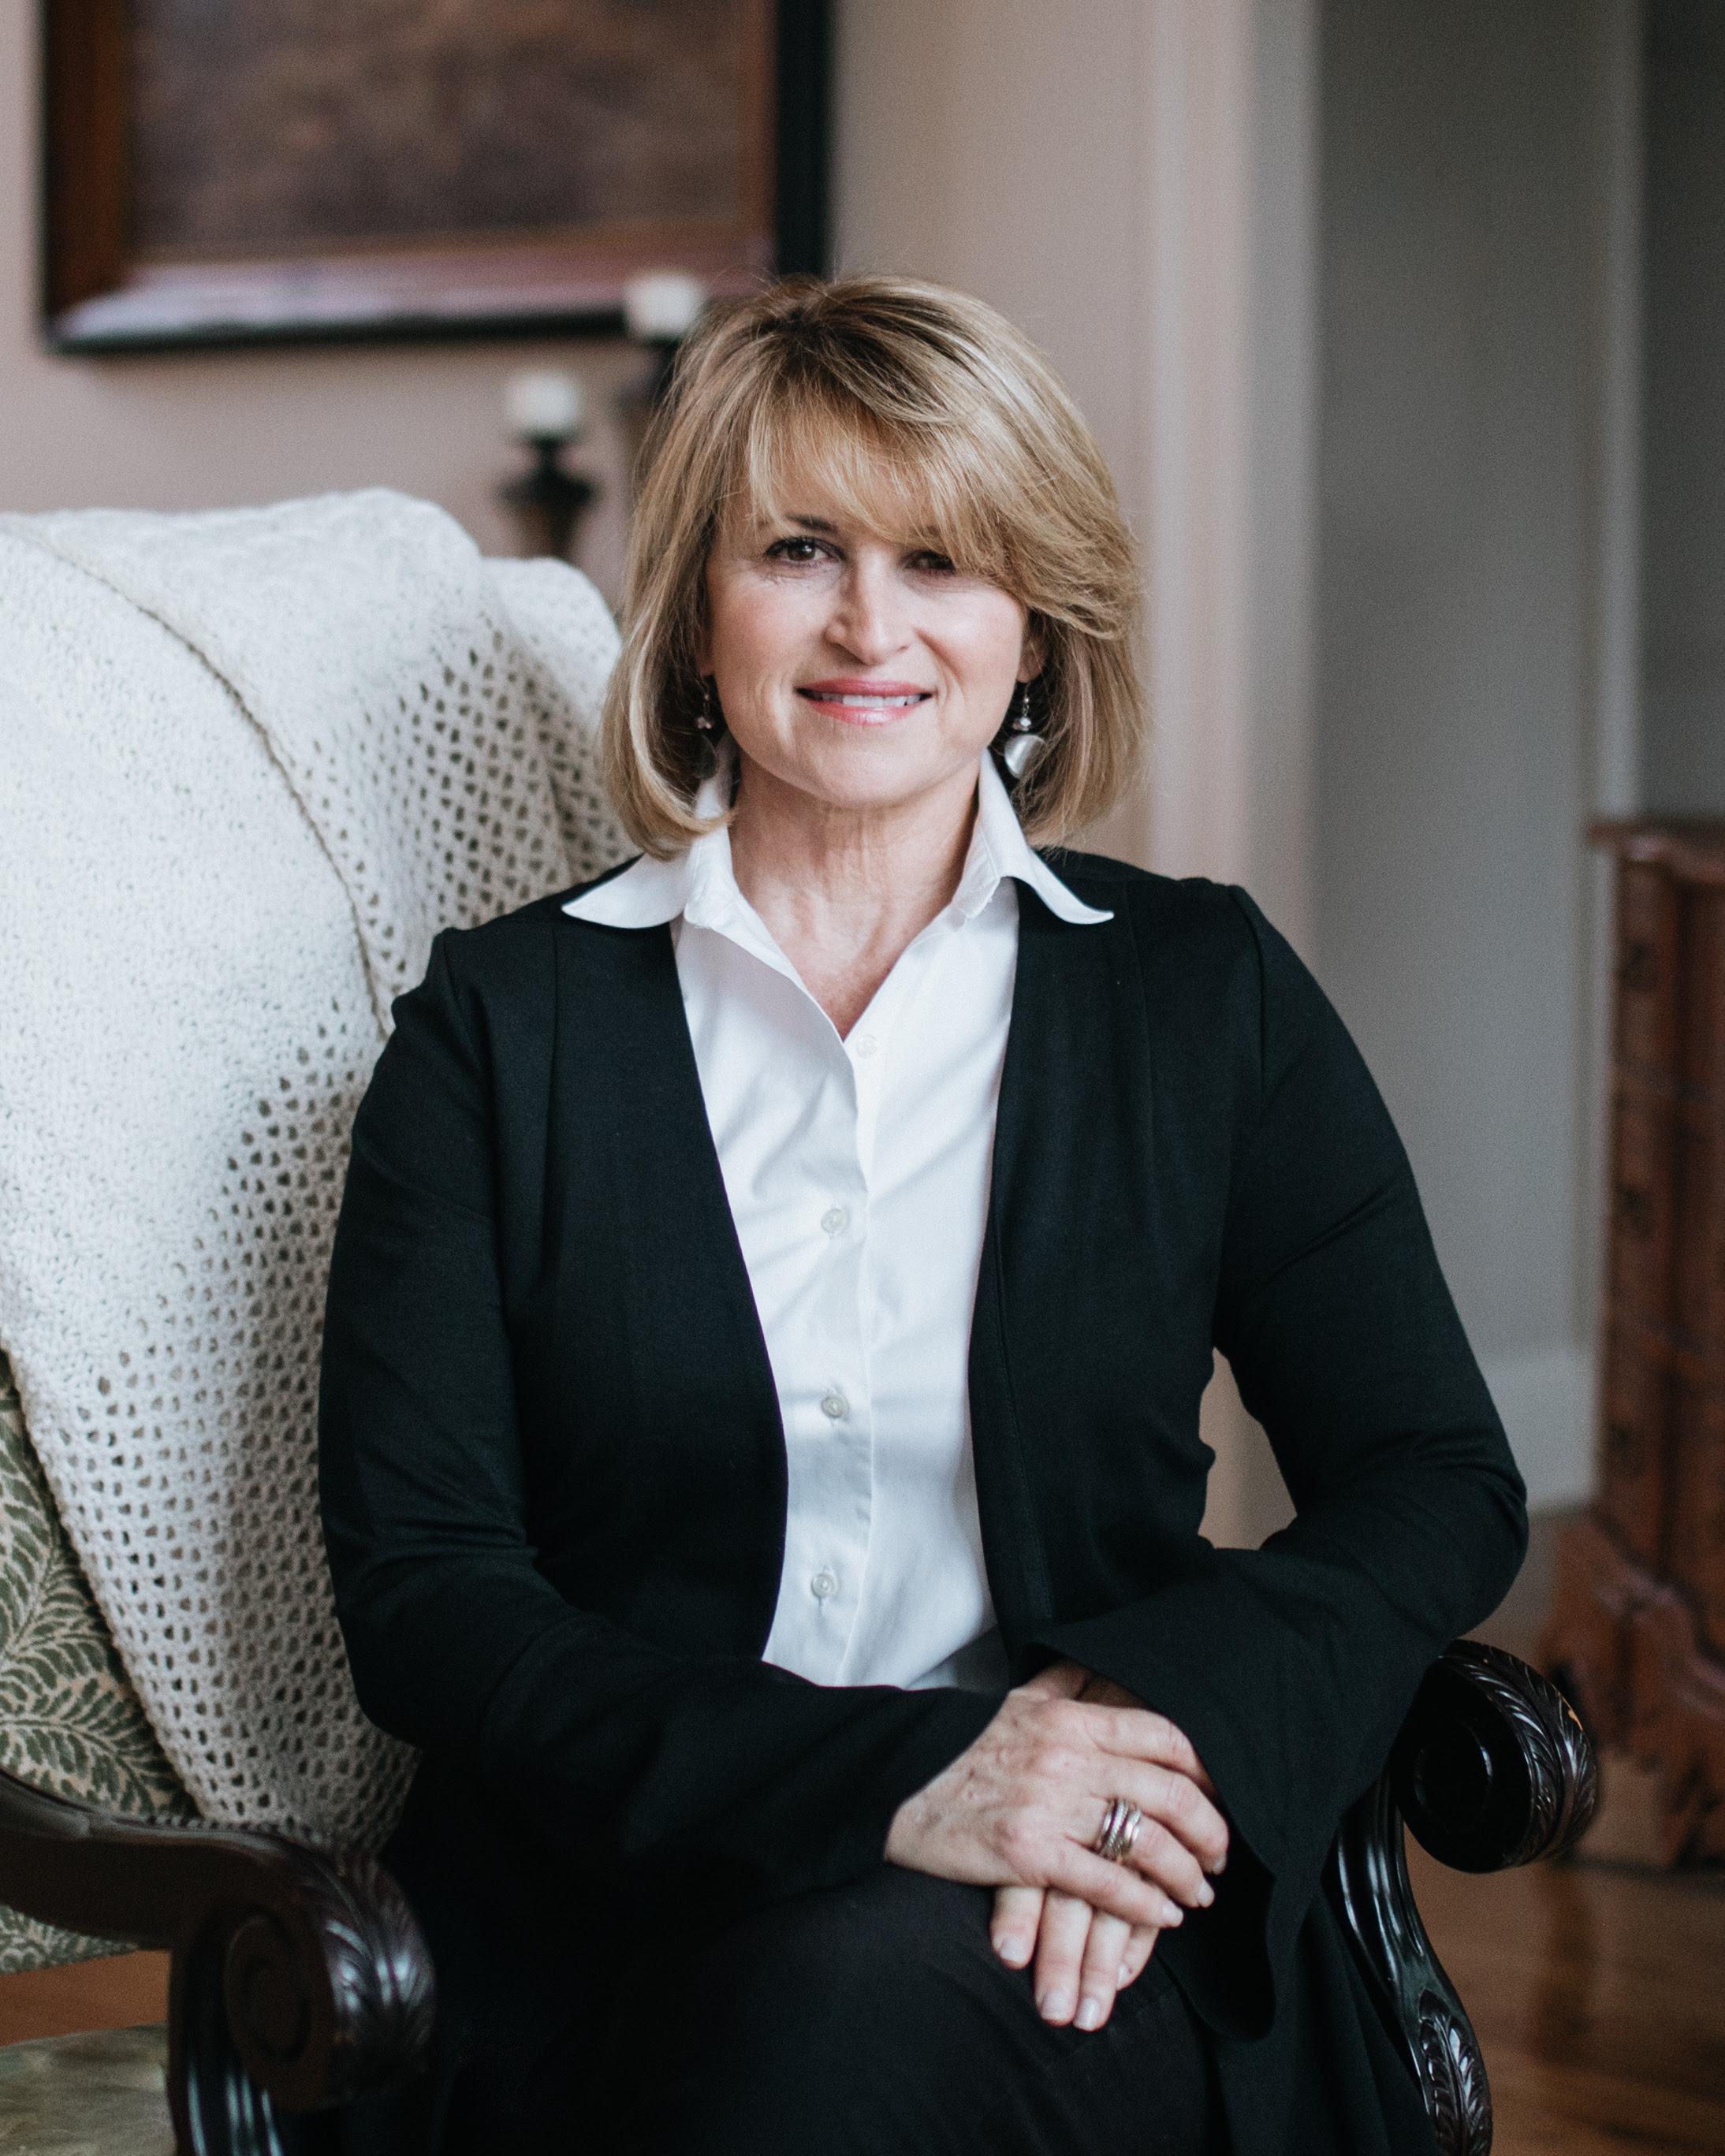 Rhonda R. Vineyard